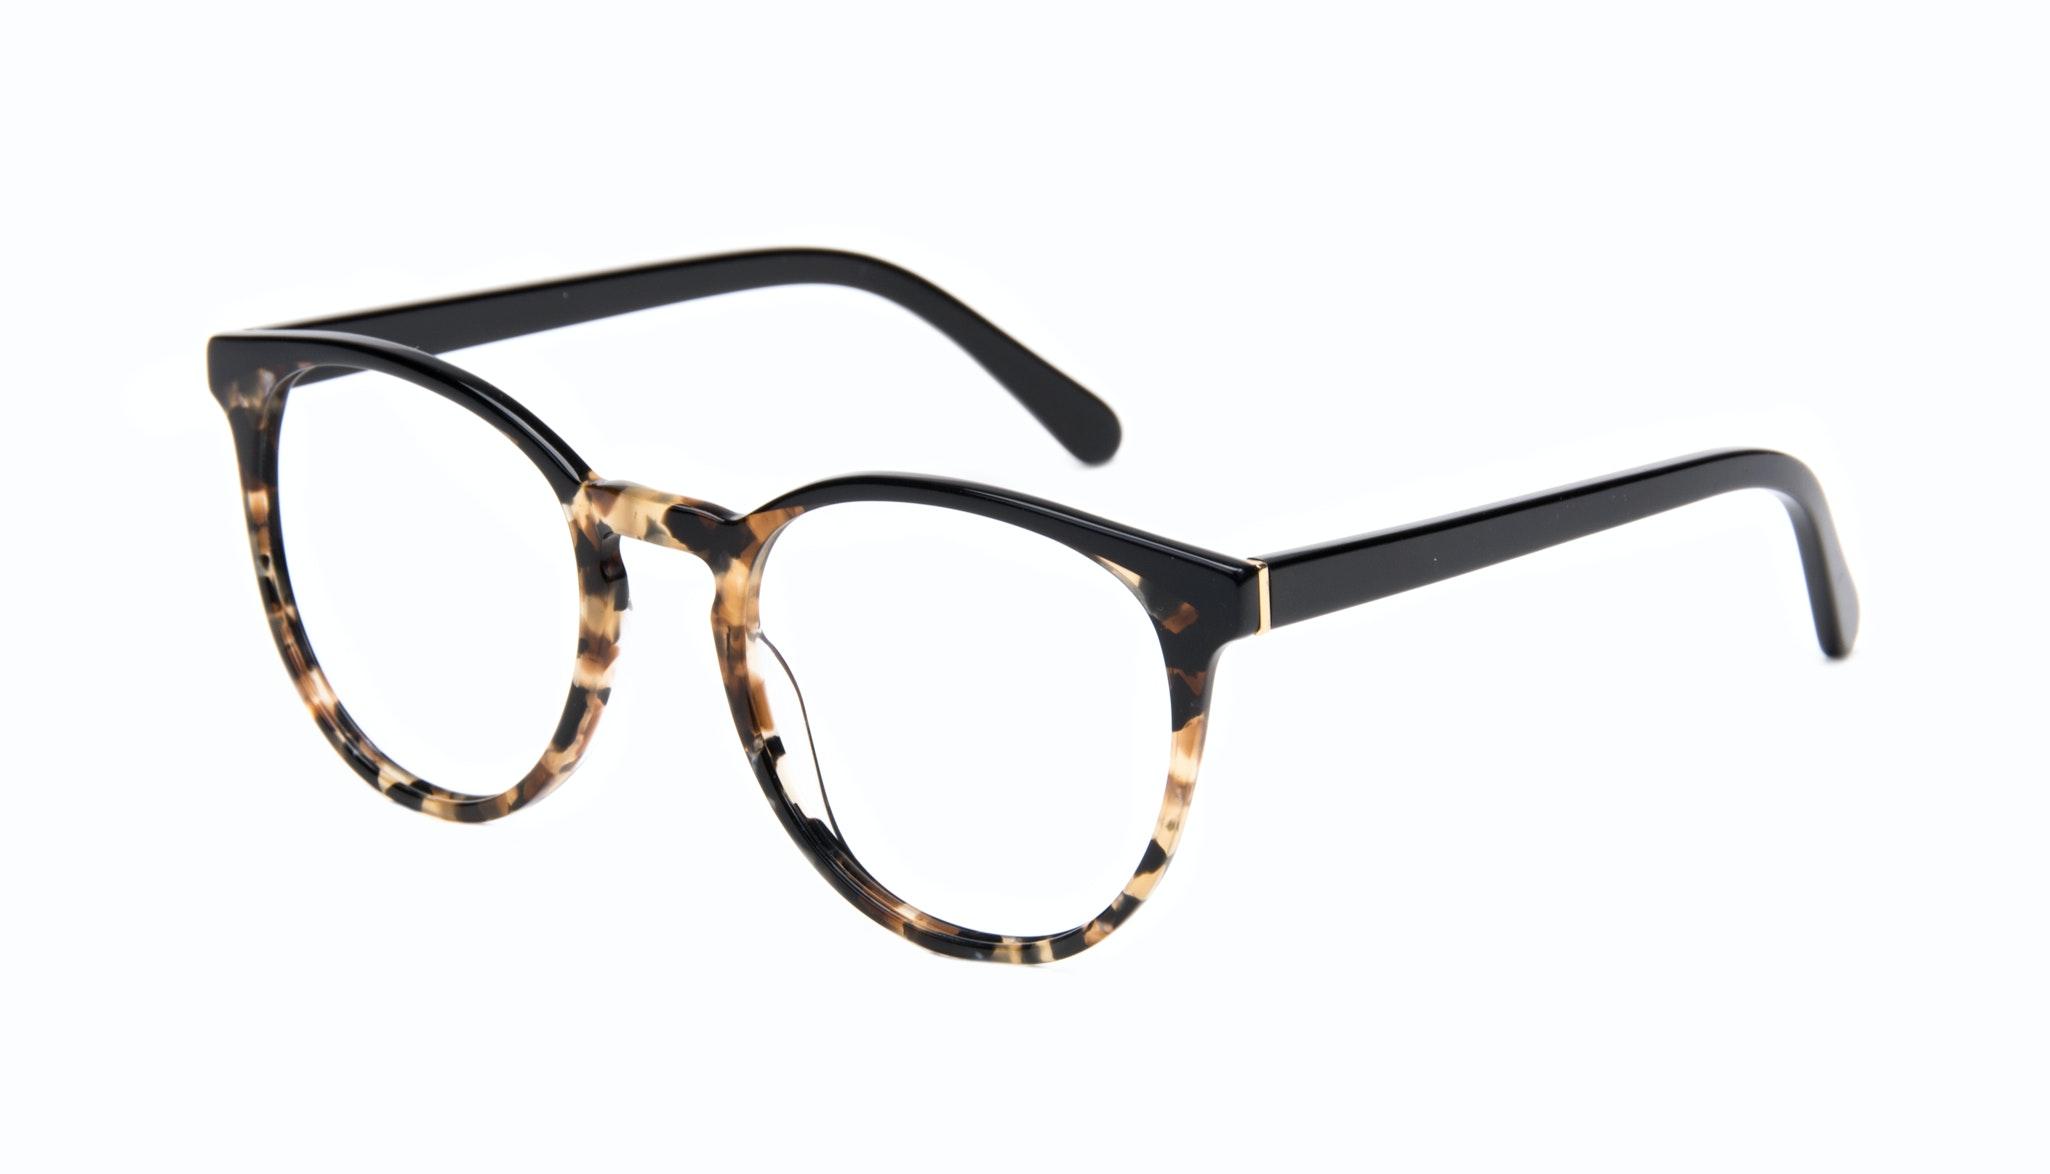 Affordable Fashion Glasses Round Eyeglasses Women Brilliant Dark Tortoise Tilt